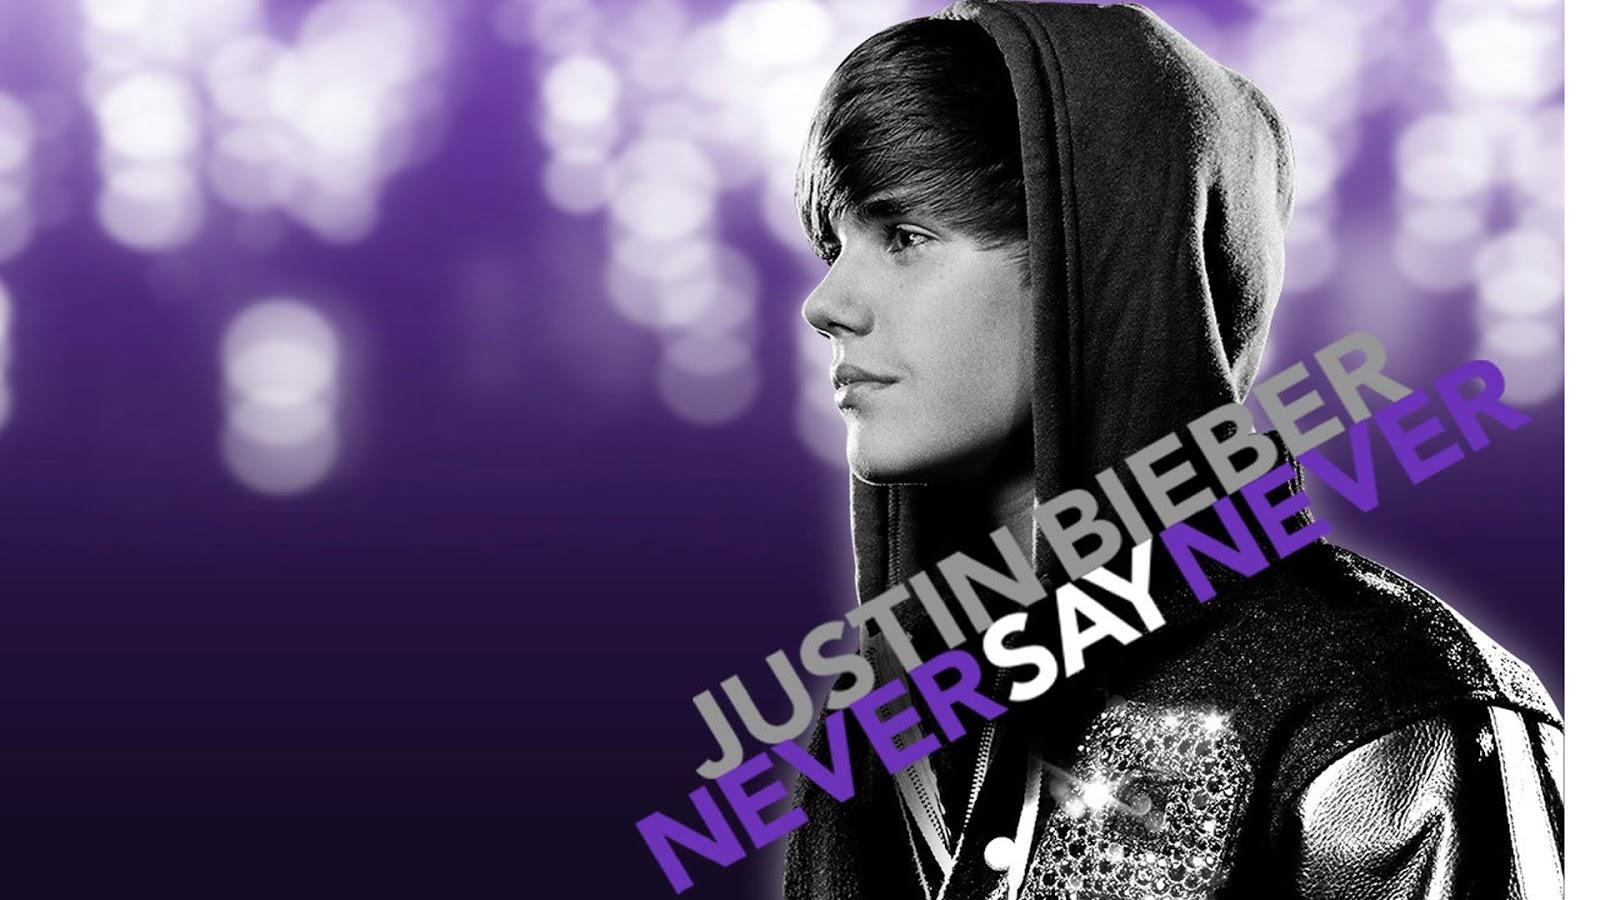 Image Result For Justin Bieber Laptop Wallpaper Justin Bieber Desktop Wallpaper